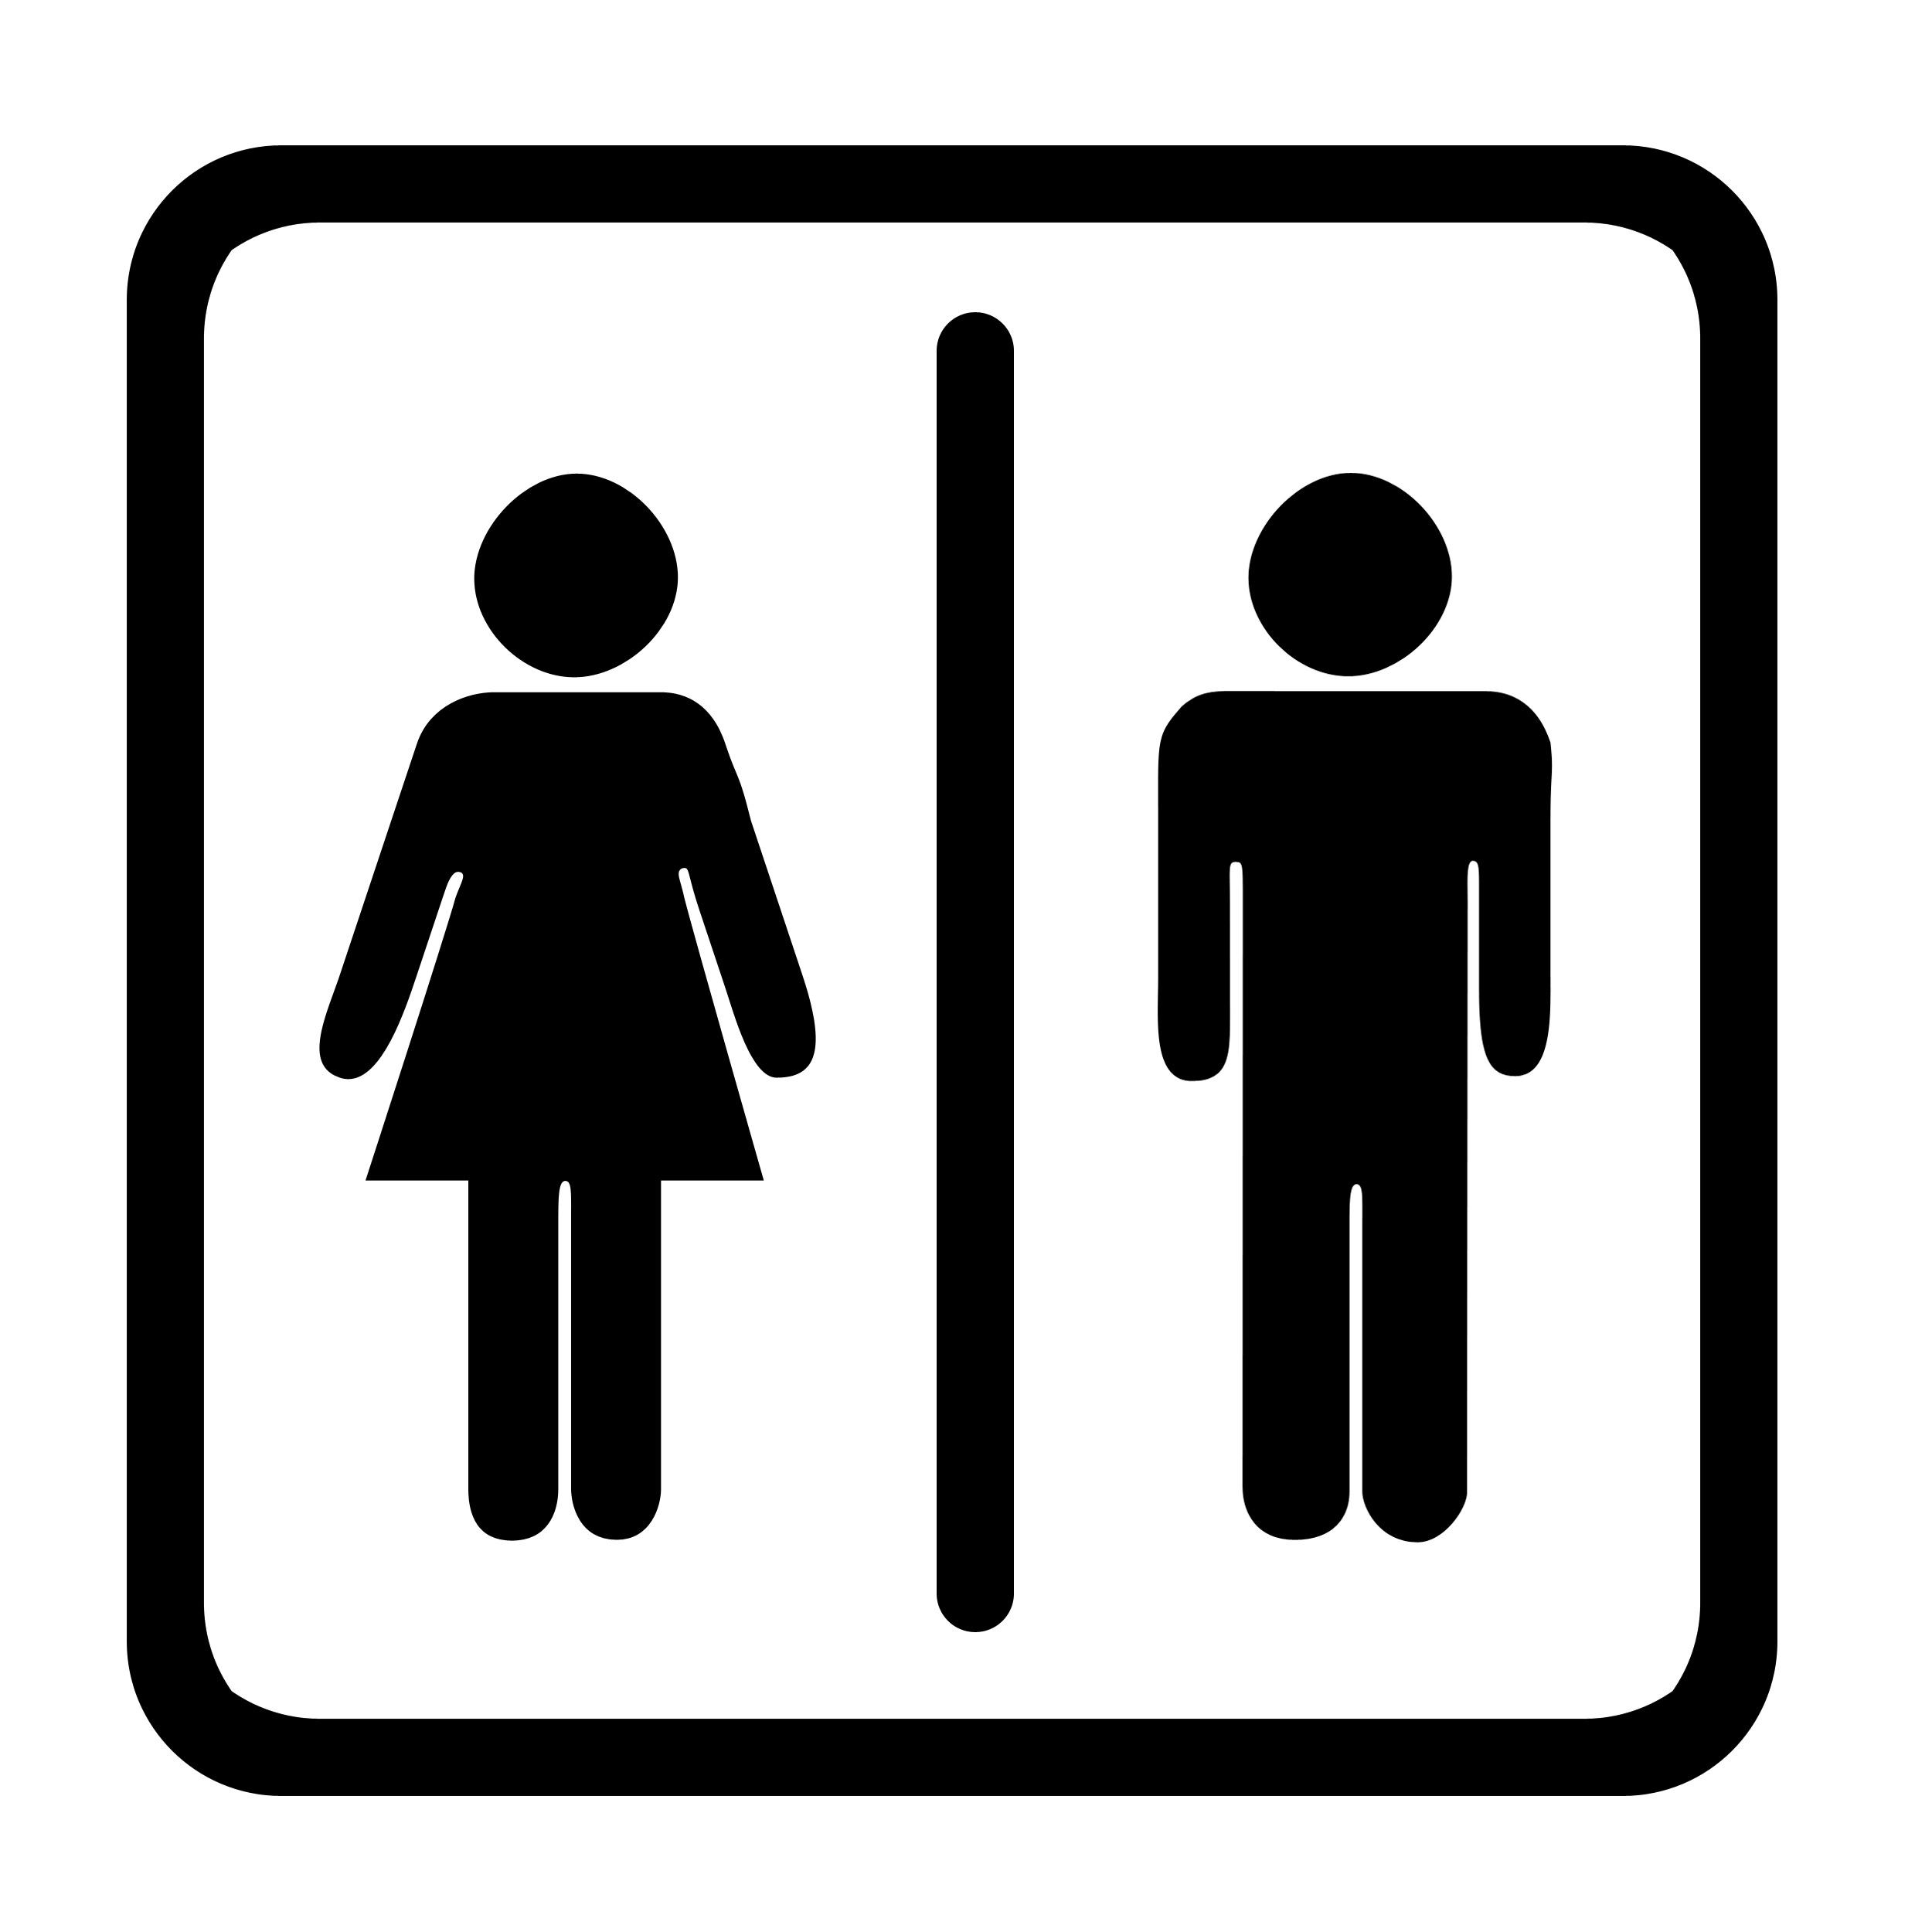 Public Toilet Symbol.